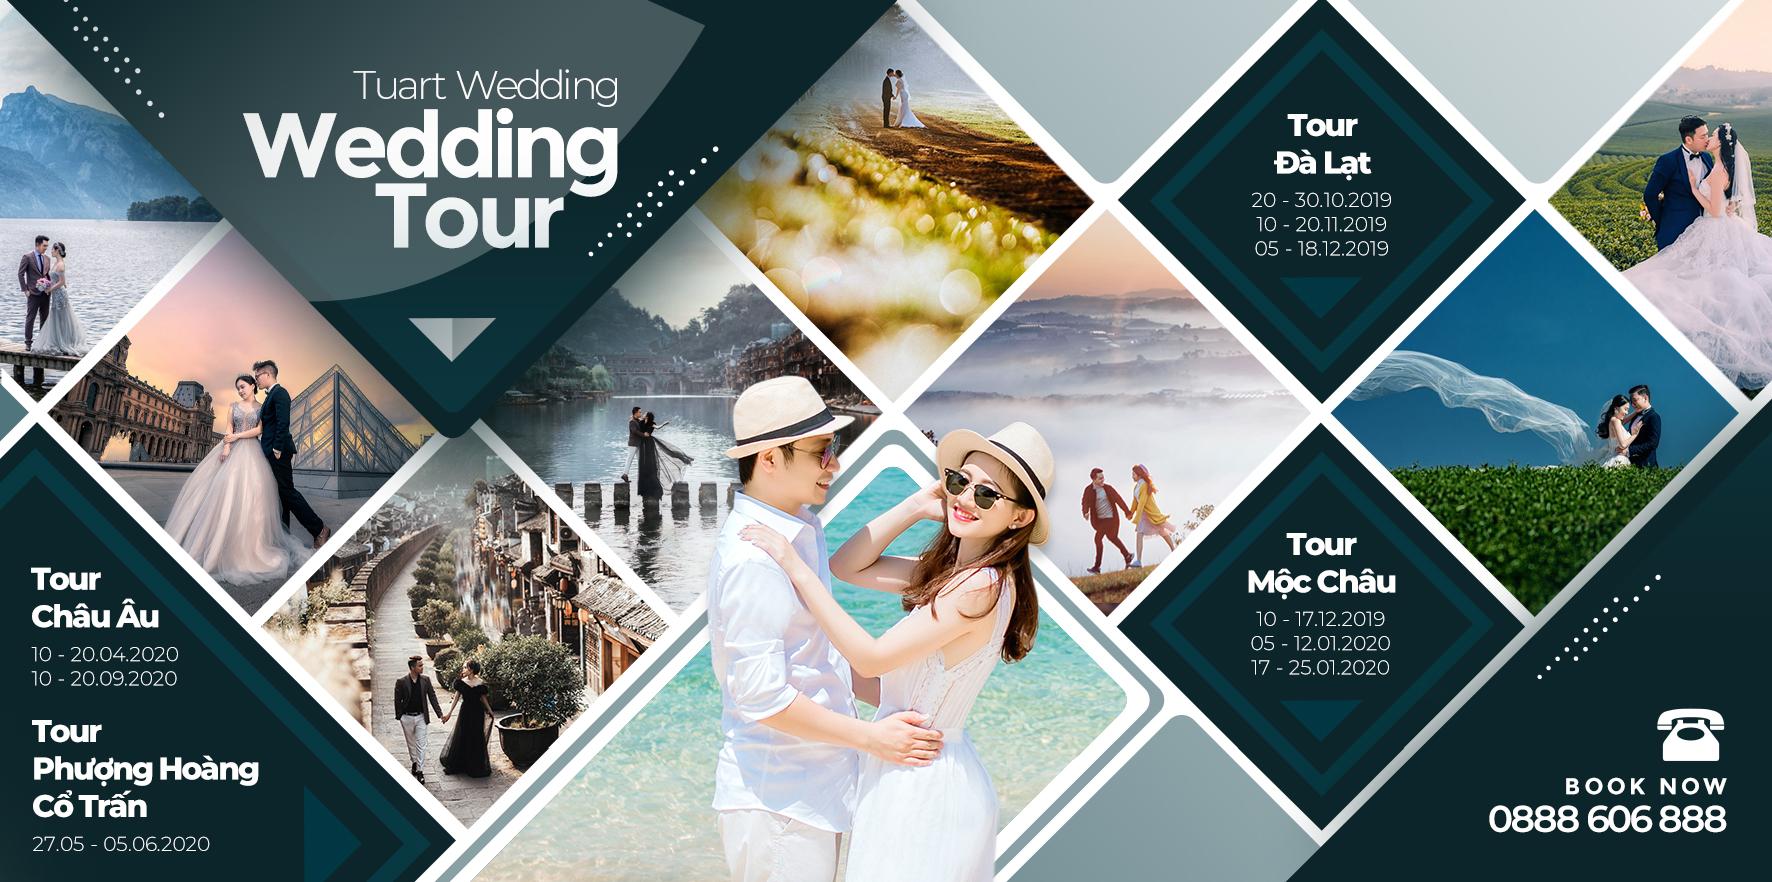 tour chụp ảnh cưới TuArt